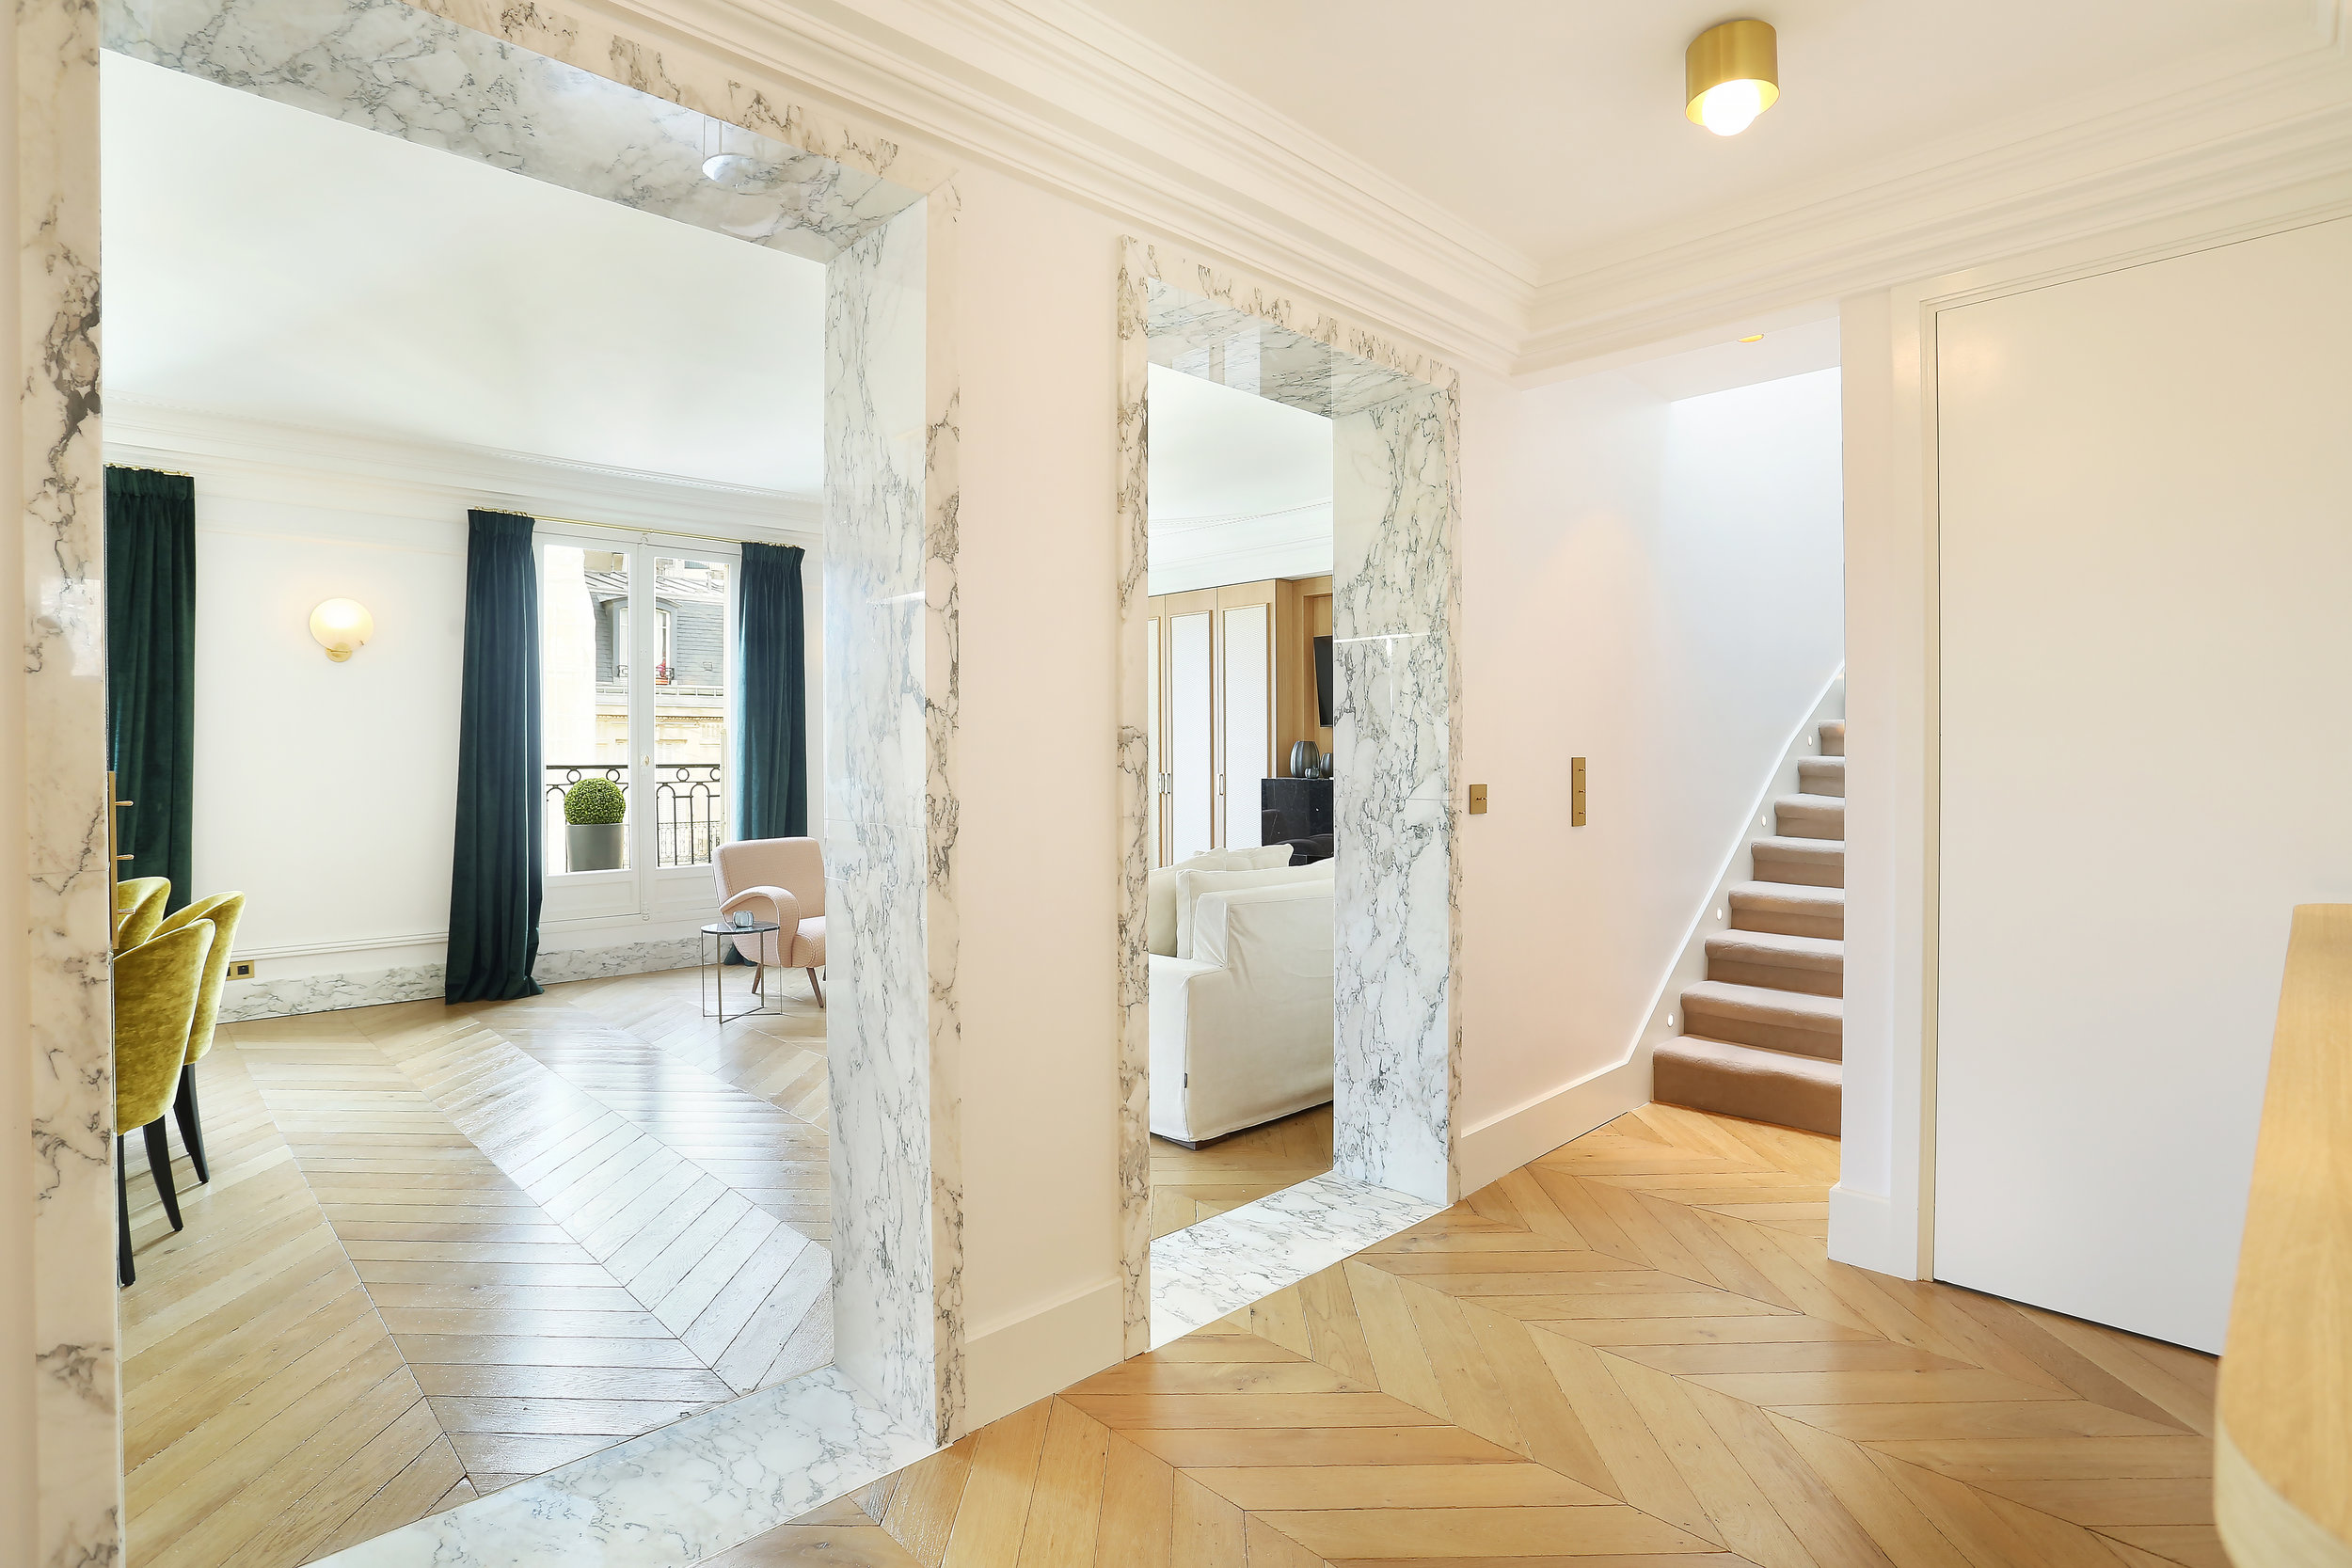 Encadrement-passage-arche-marbre-arabescato-Appartement-Parisien-Omni-Marbres